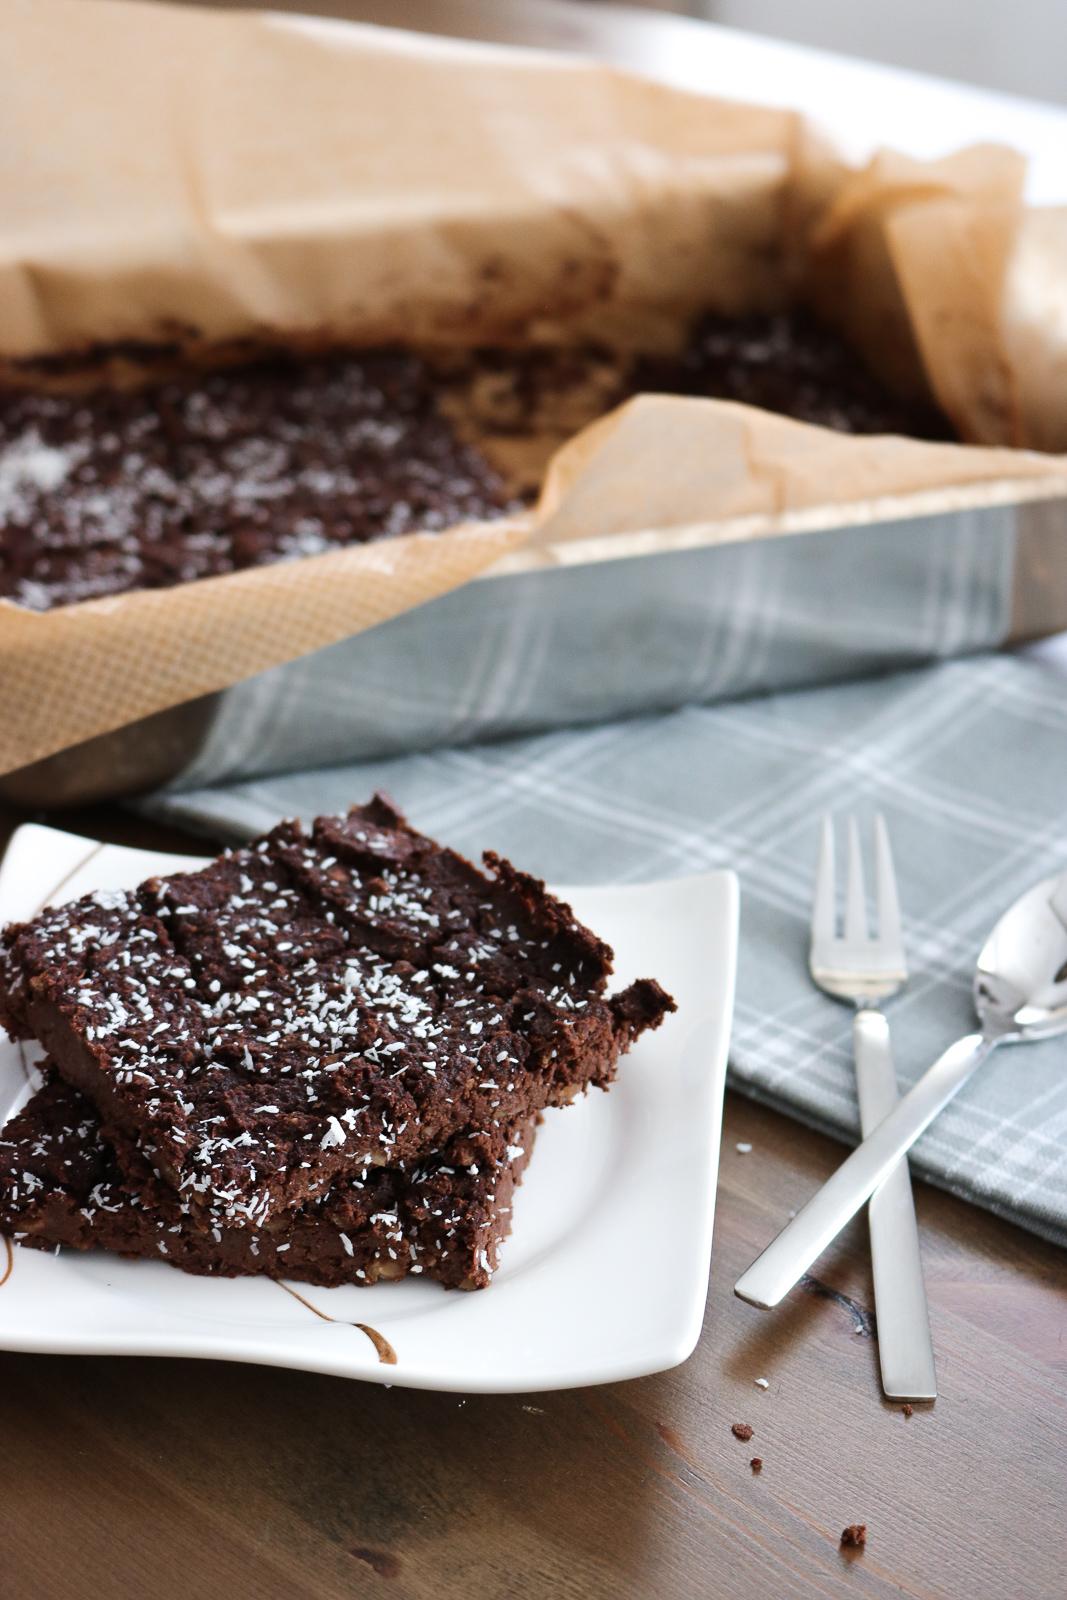 Vegane Brownies - die besten veganen Brownies - Brownie Rezept vegan und gesund - gesunder Snack - gesunde Brownies - Brownies mit wenig Kalorien - Brownies ohne Zucker - die besten Brownies - Brownies Backen - einfache Brownies vegan - Fashionladyloves by Tamara Wagner